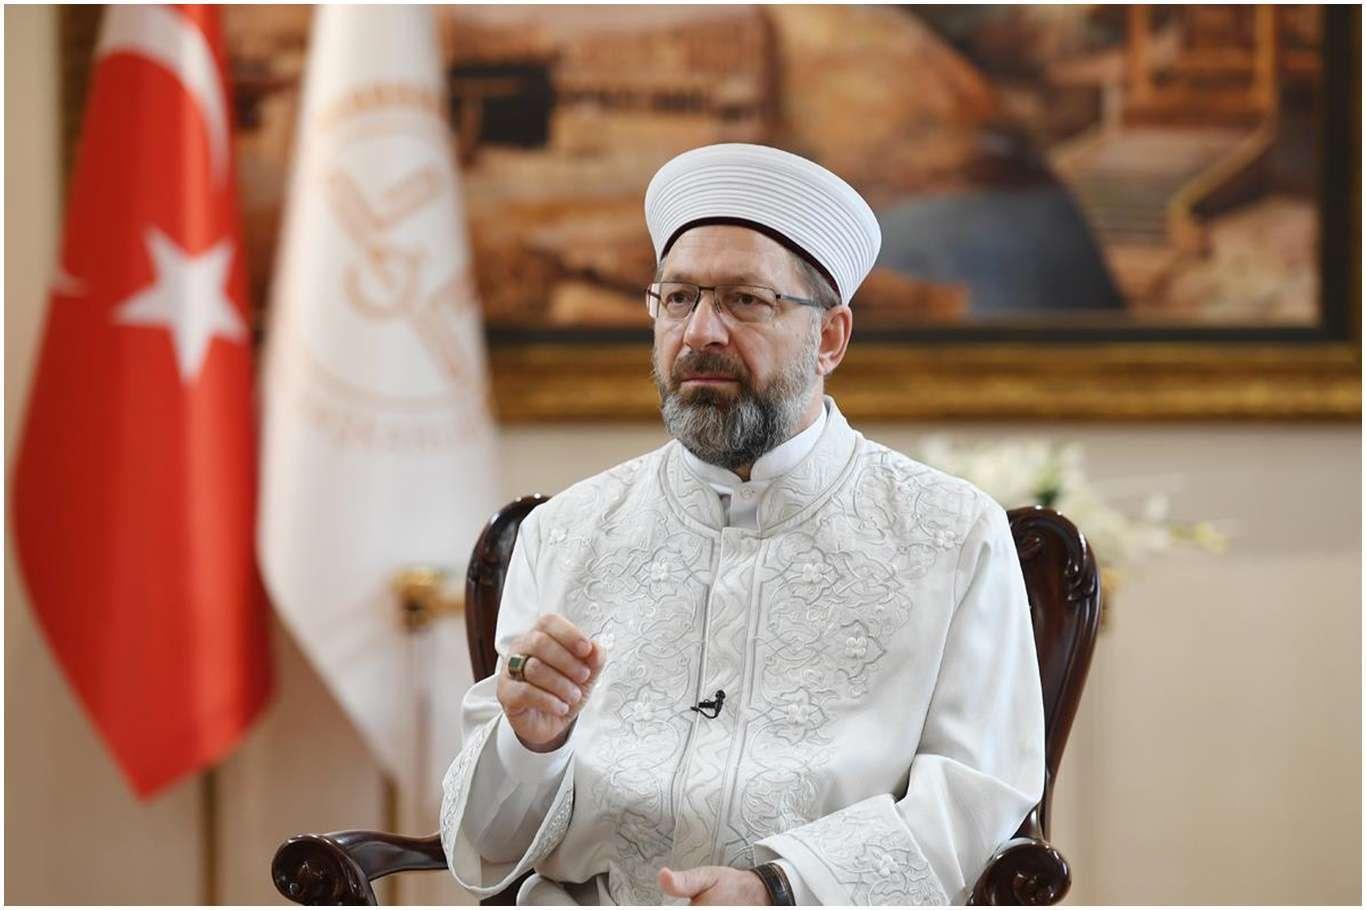 """Diyanet İşleri Başkanı Erbaş'ın """"kabe"""" Üzerinden Yapılan Provokasyona Tepkisi Gecikmedi"""